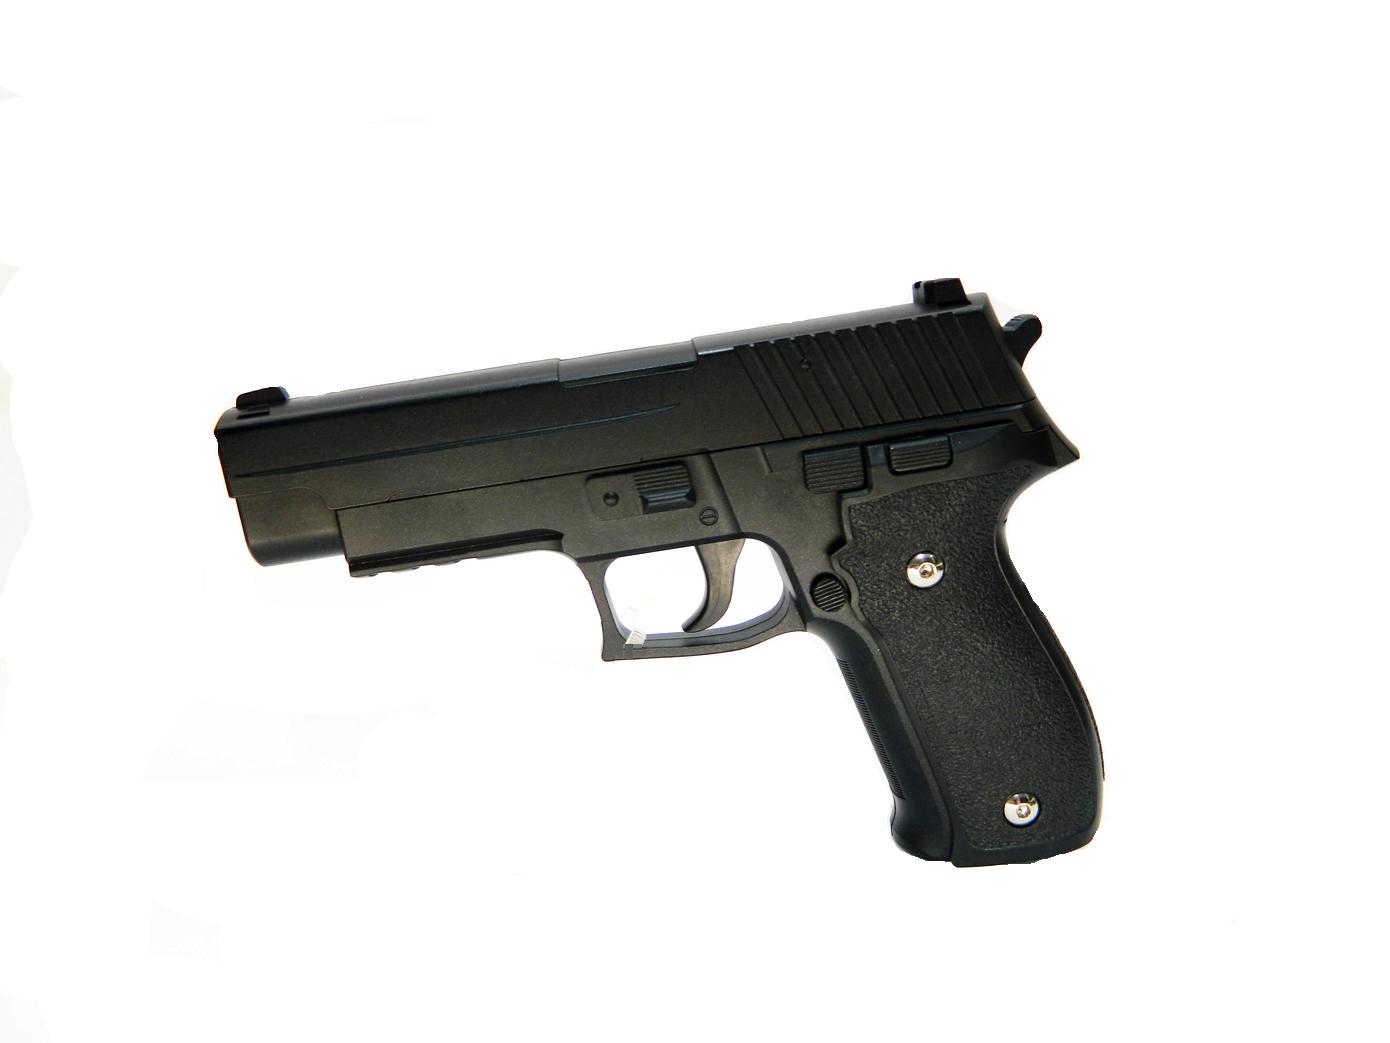 Макет пистолета Sig P226 в натуральную величину